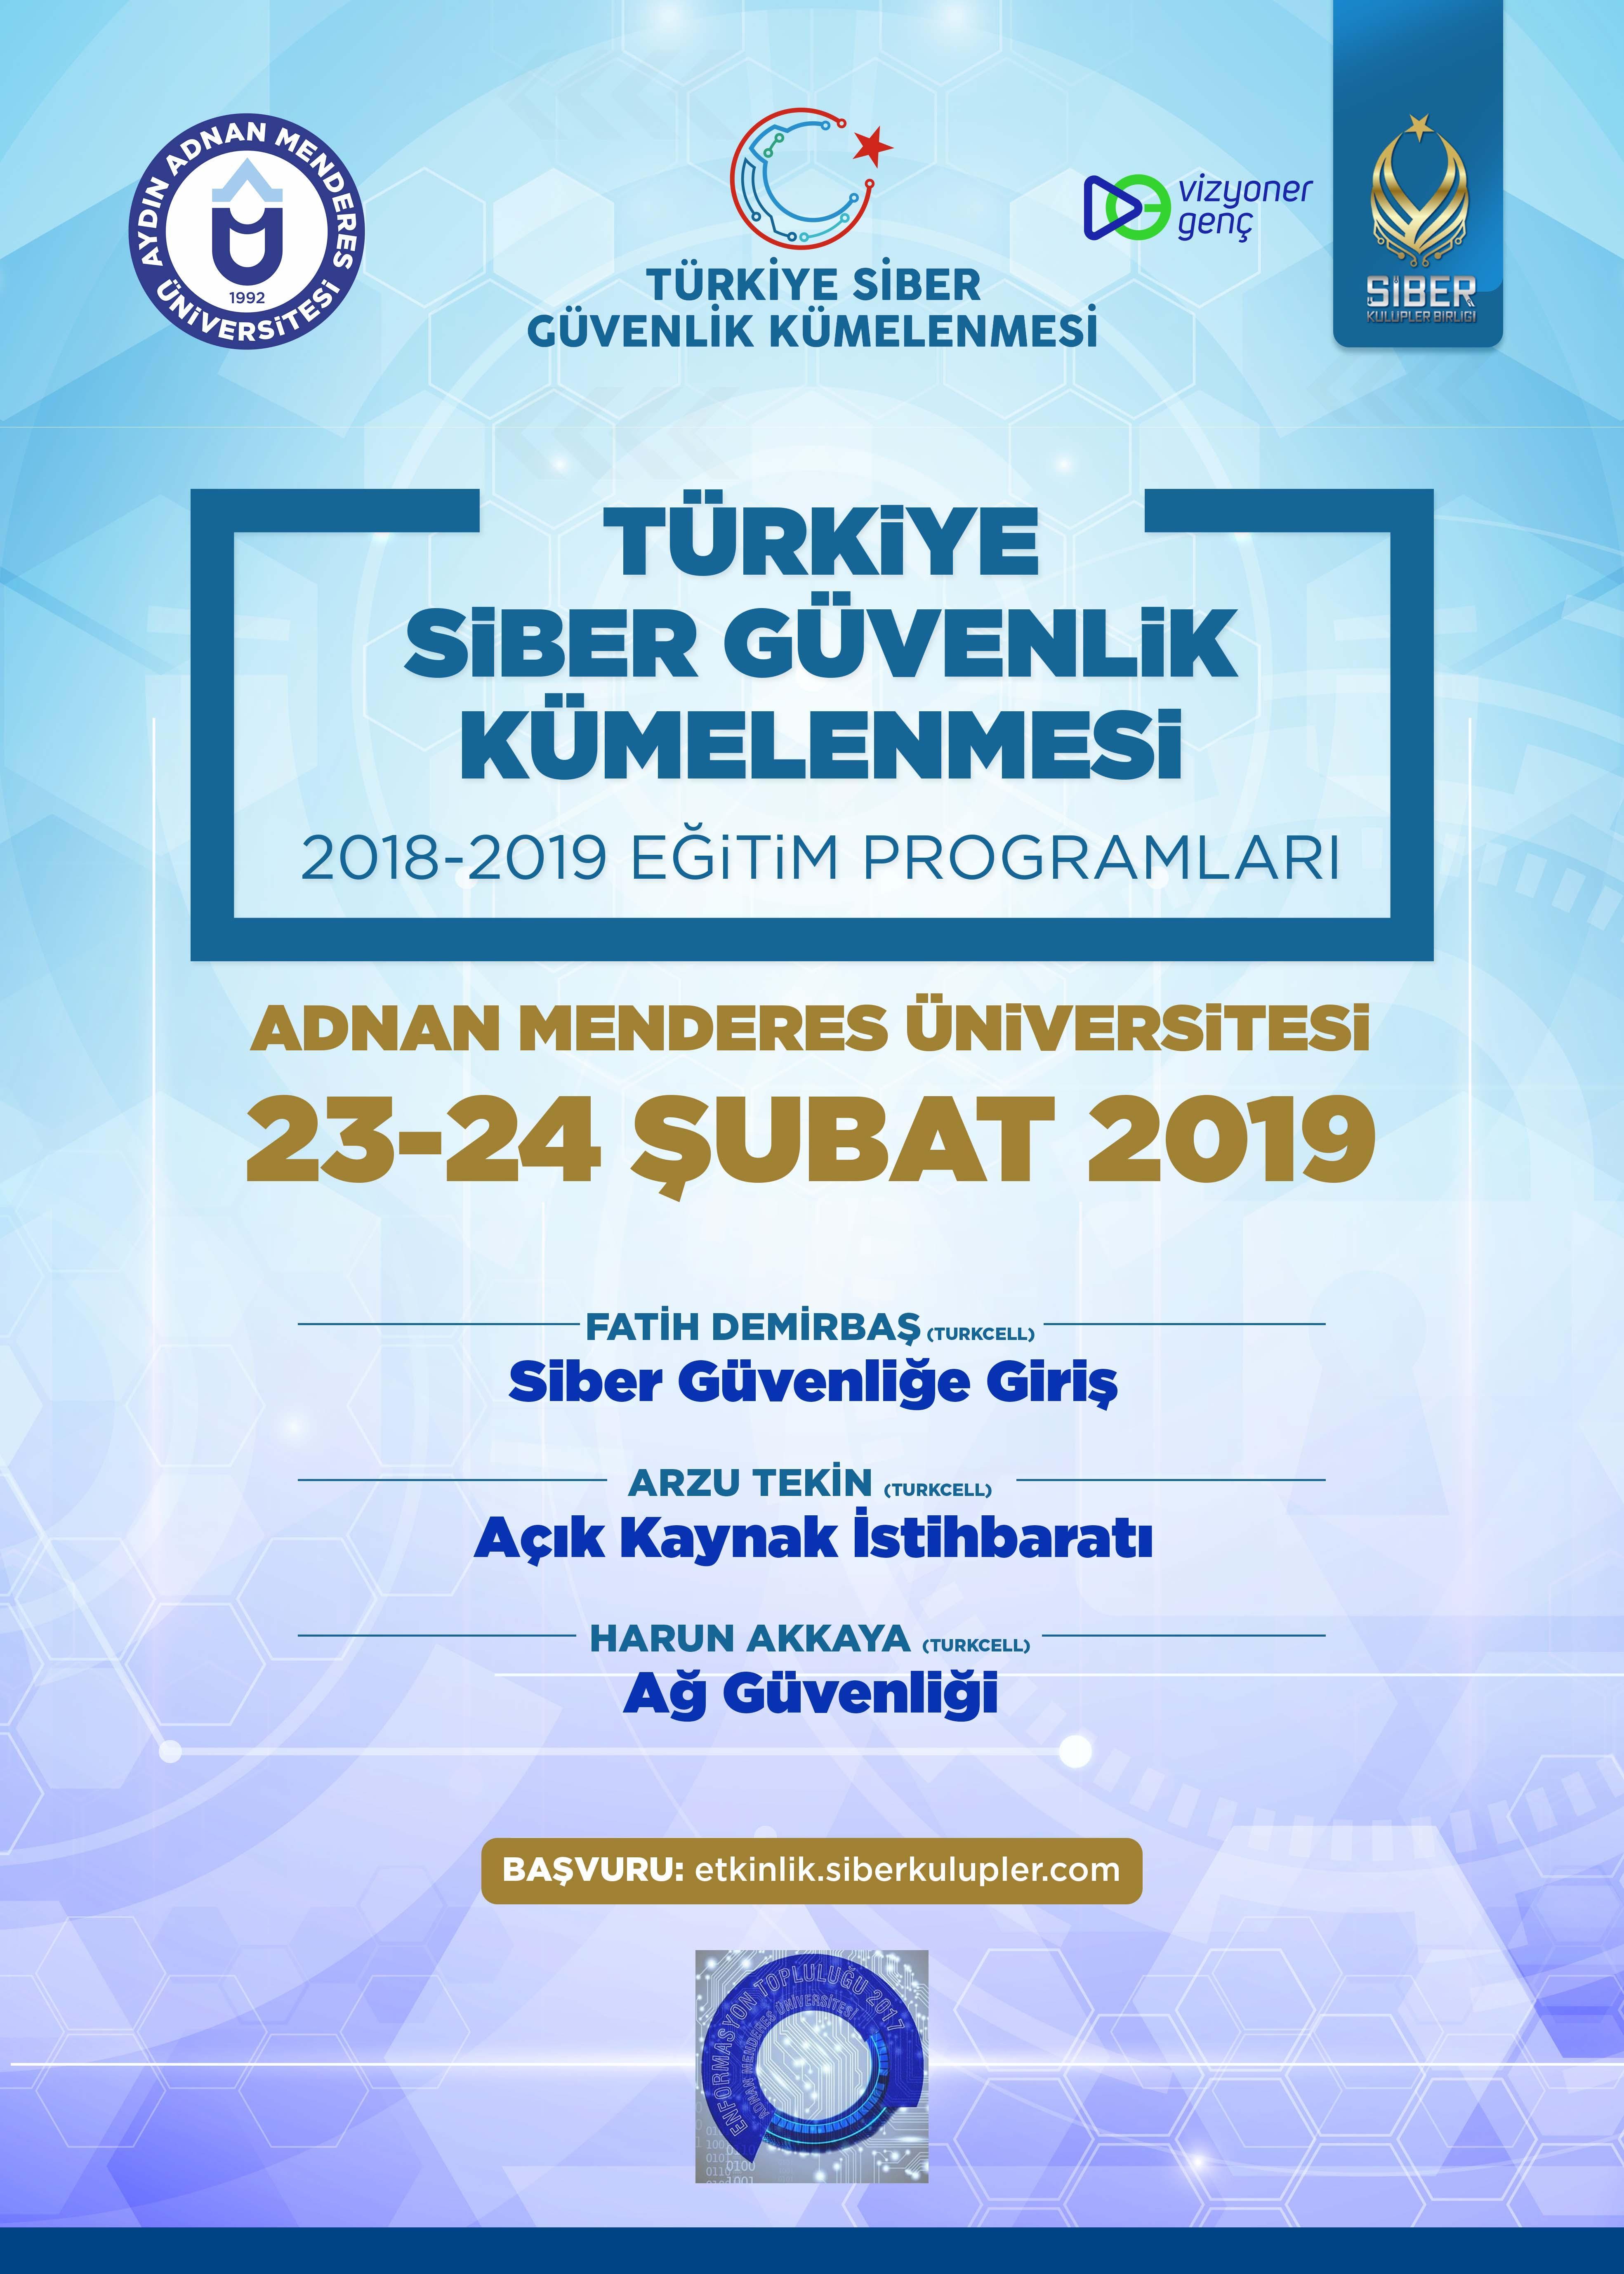 Türkiye Siber Güvenlik Kümelenmesi 2018- 2019 Eğitim Programları: Aydın Adnan Menderes Üniversitesi Eğitimleri